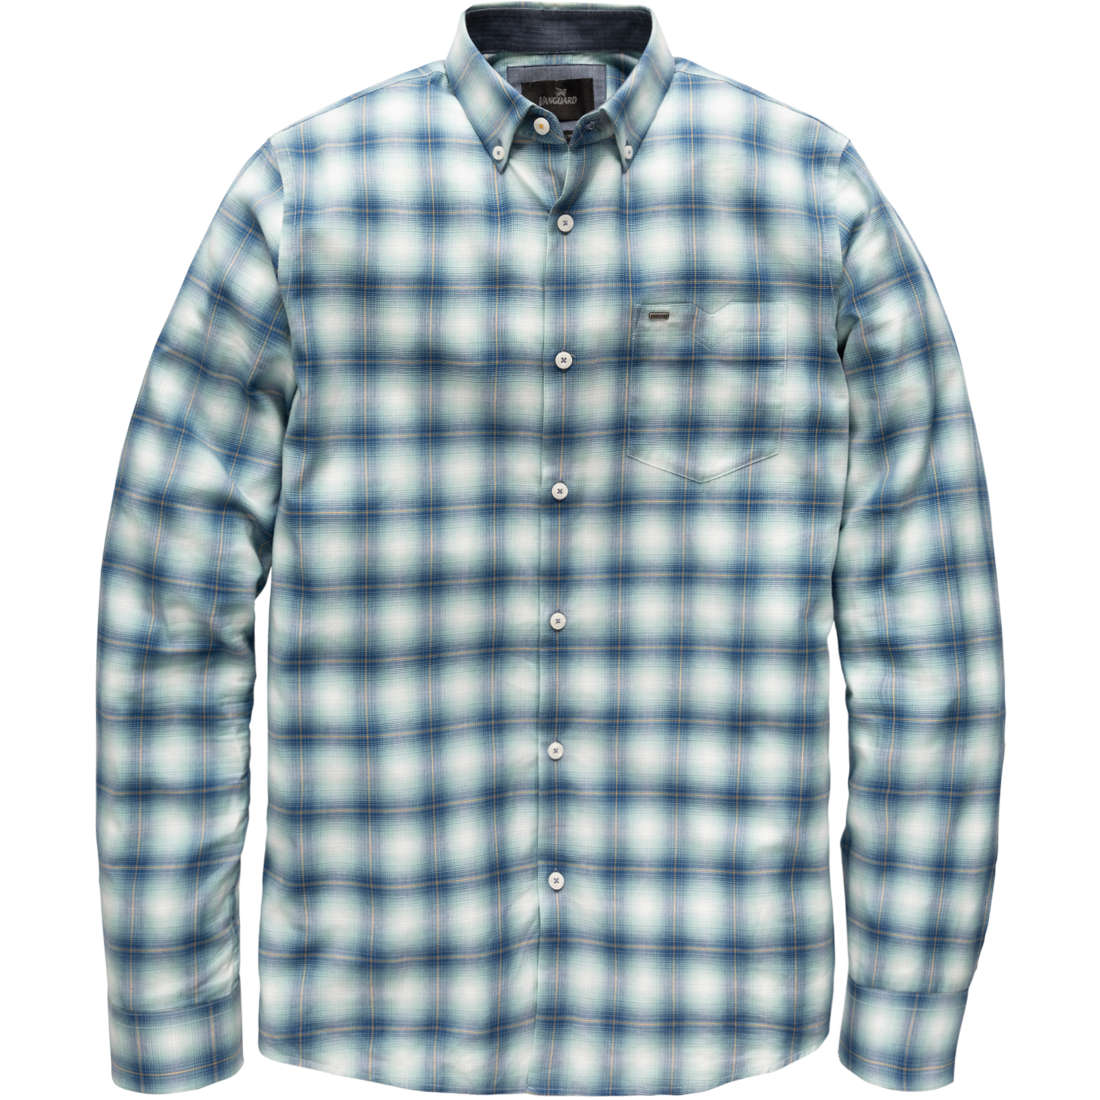 Vanguard overhemd vsi191430 in het Blauw